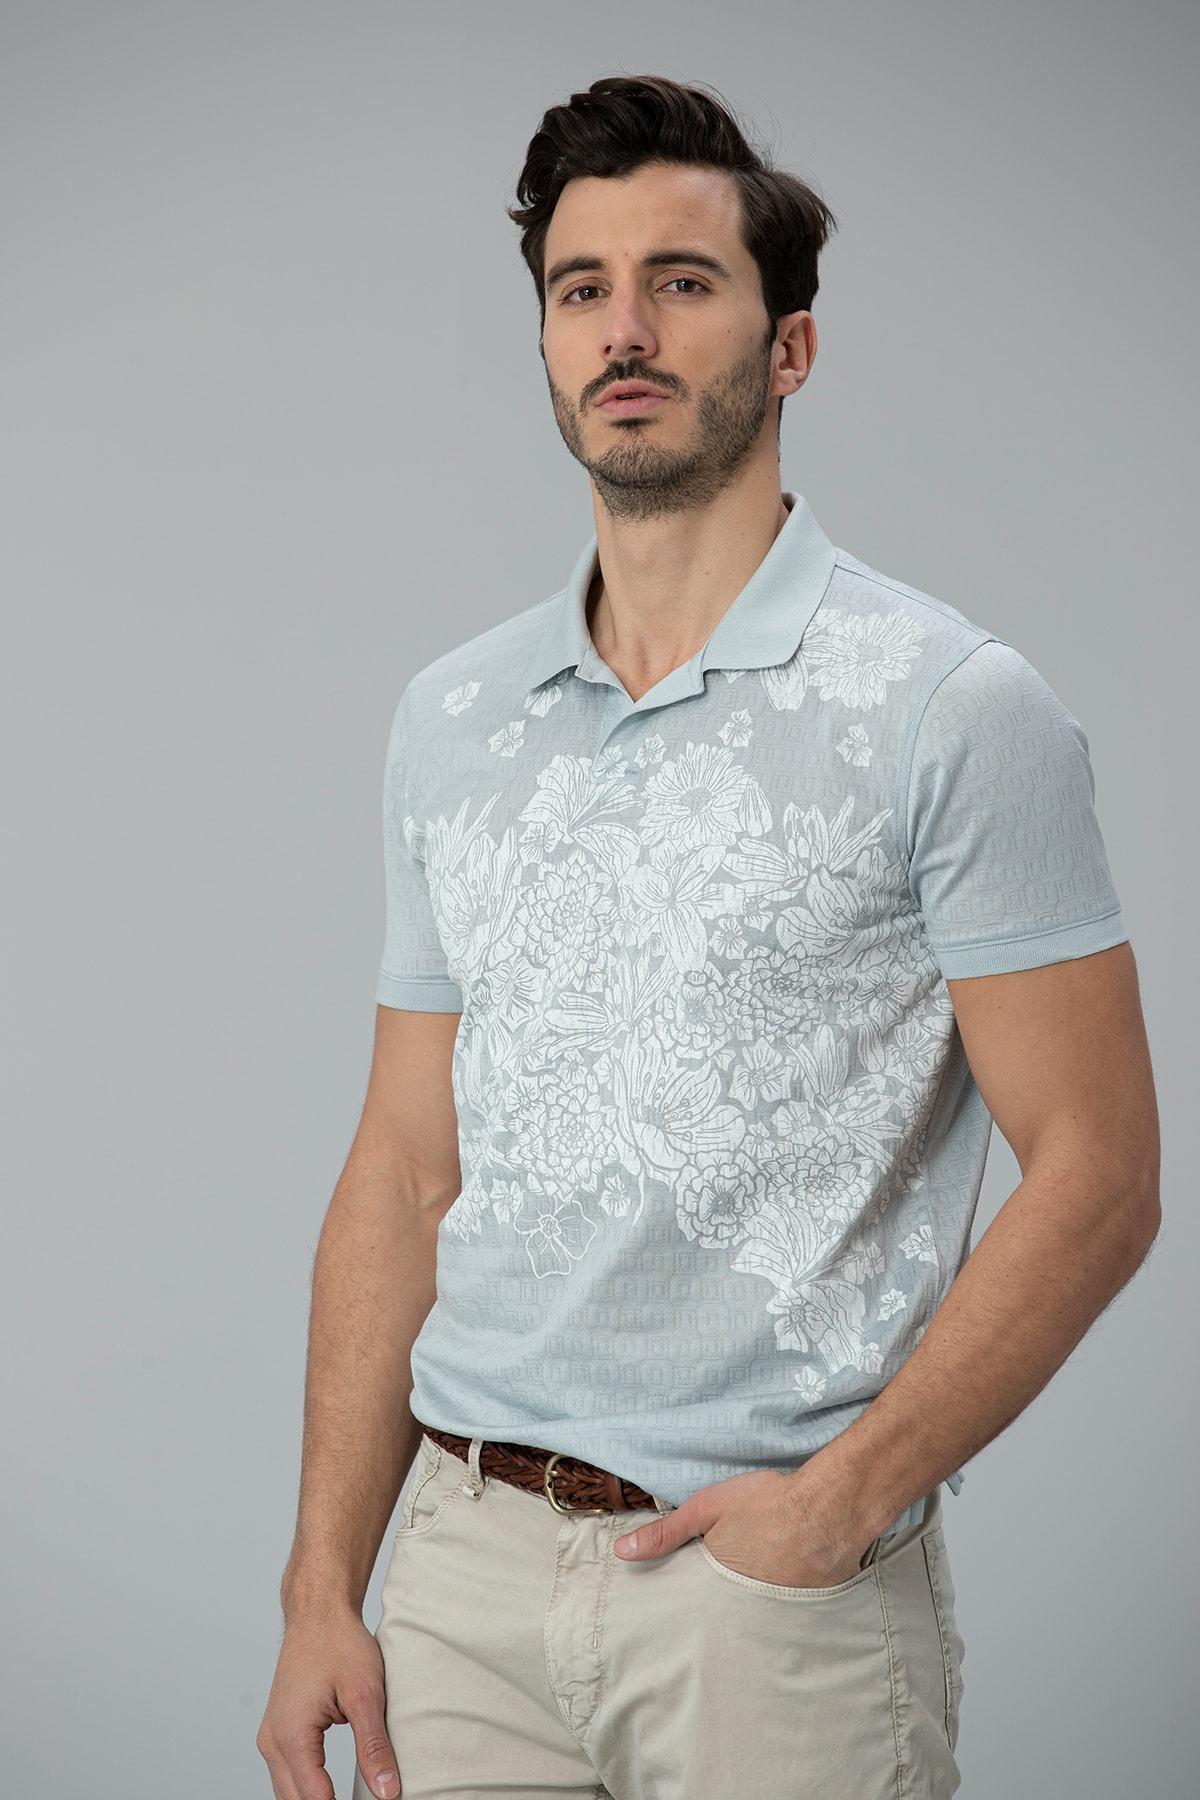 Lufian Matera Spor Polo T- Shirt Açık Nane